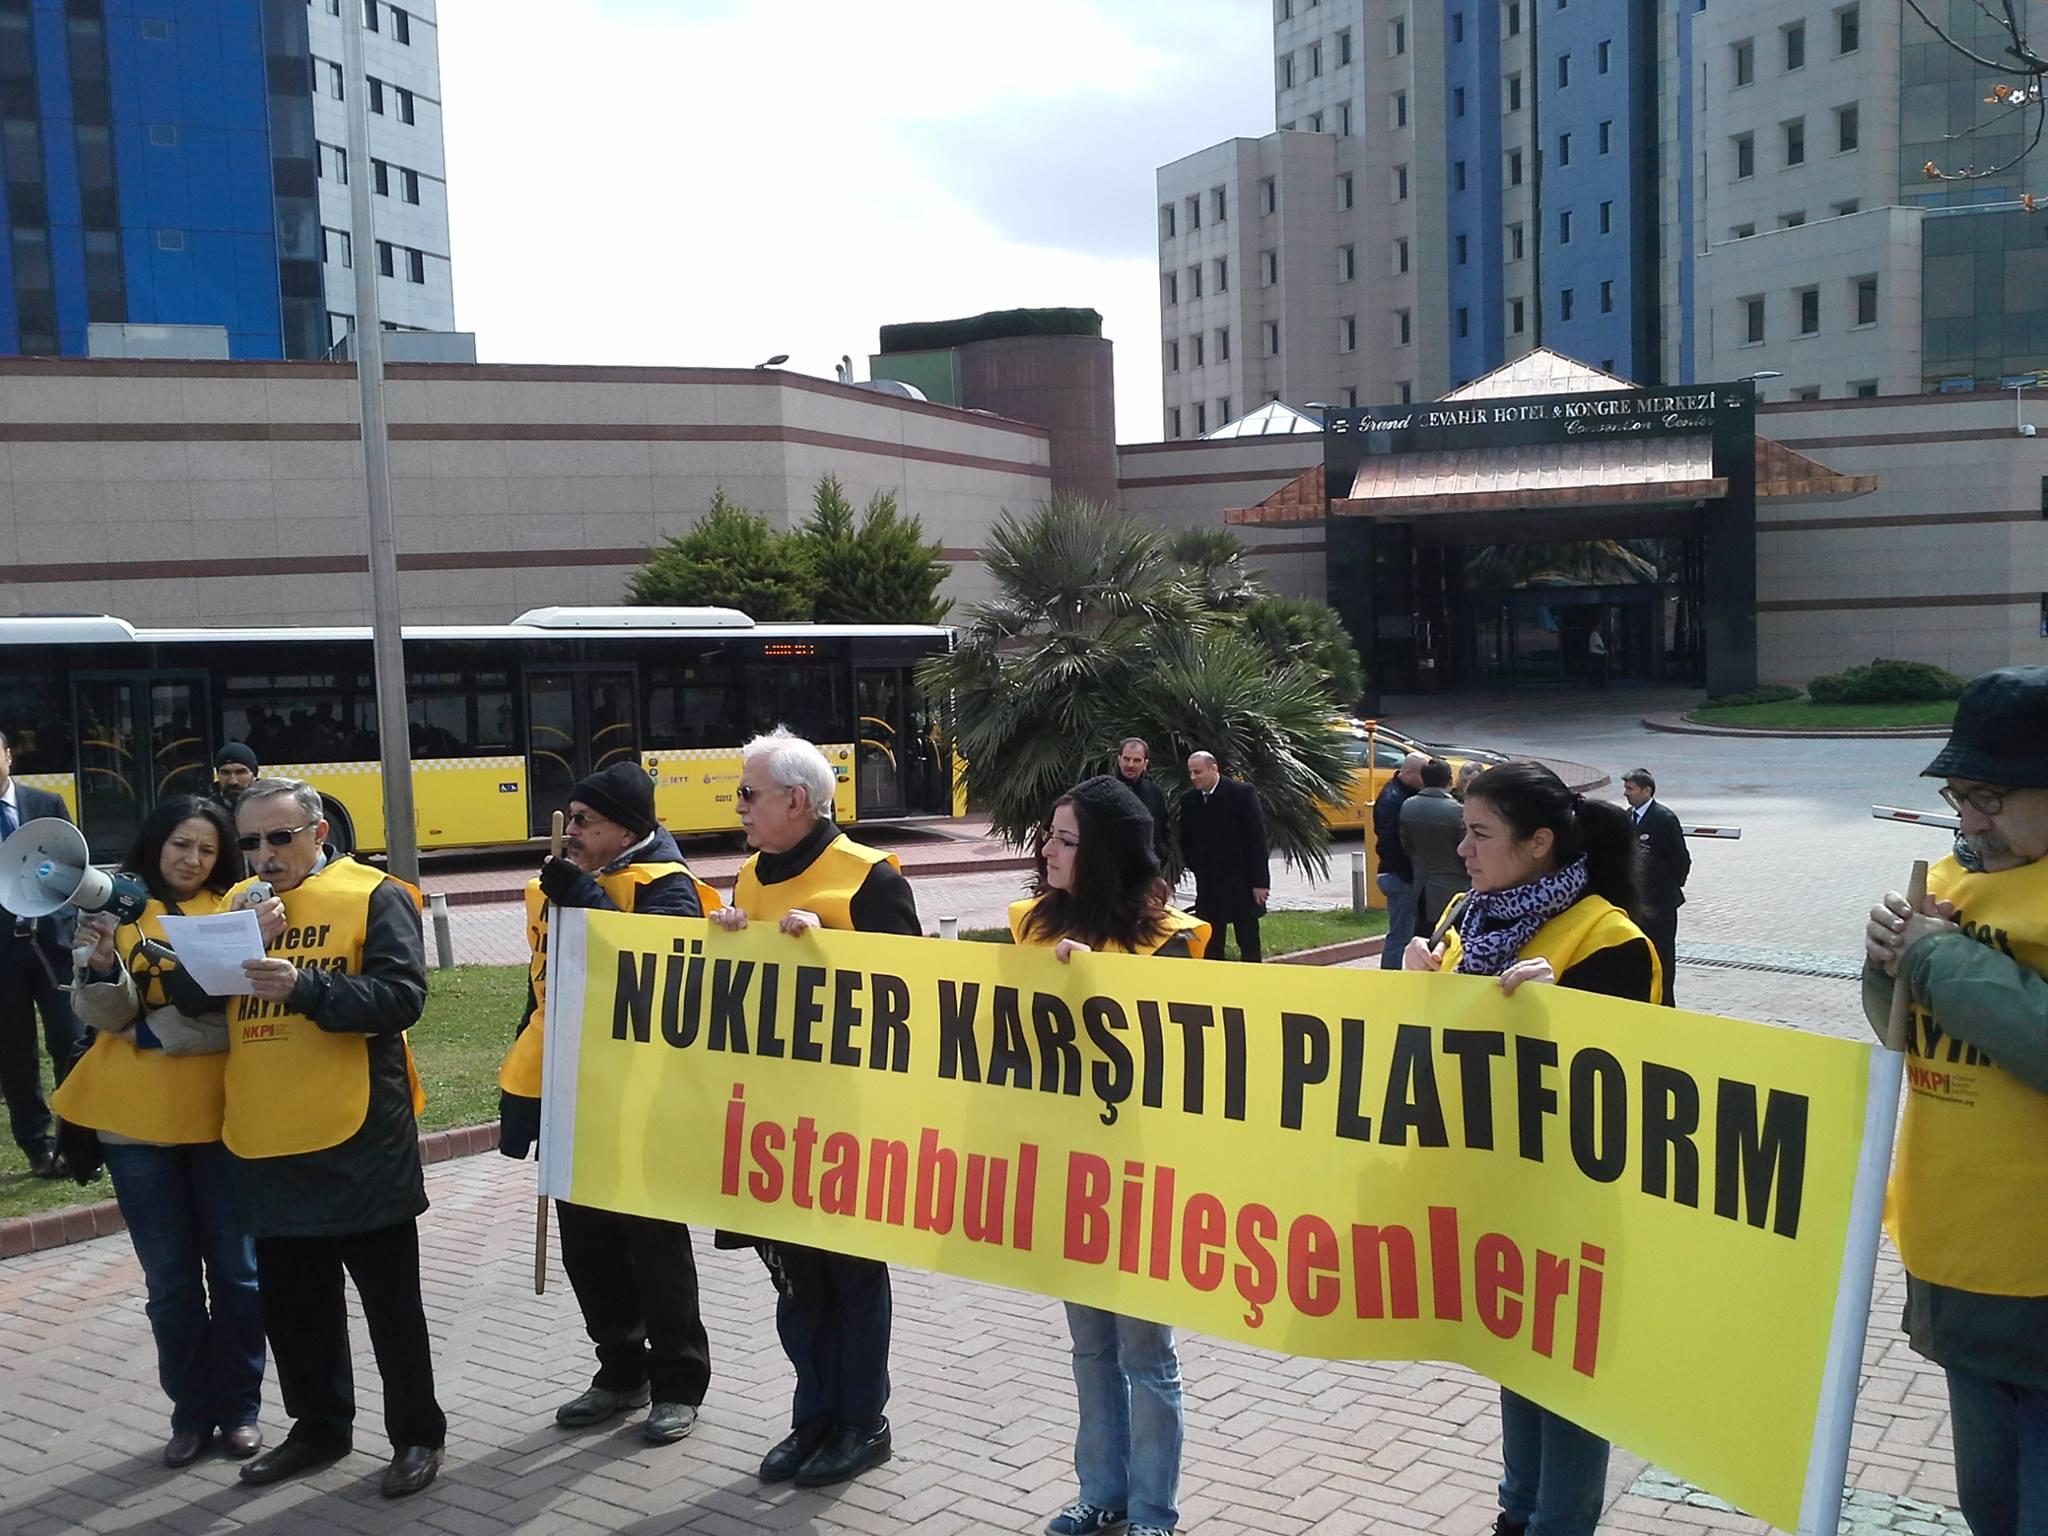 Nükleer Karşıtı Platform İstanbul Bileşenleri Basın Toplantısı